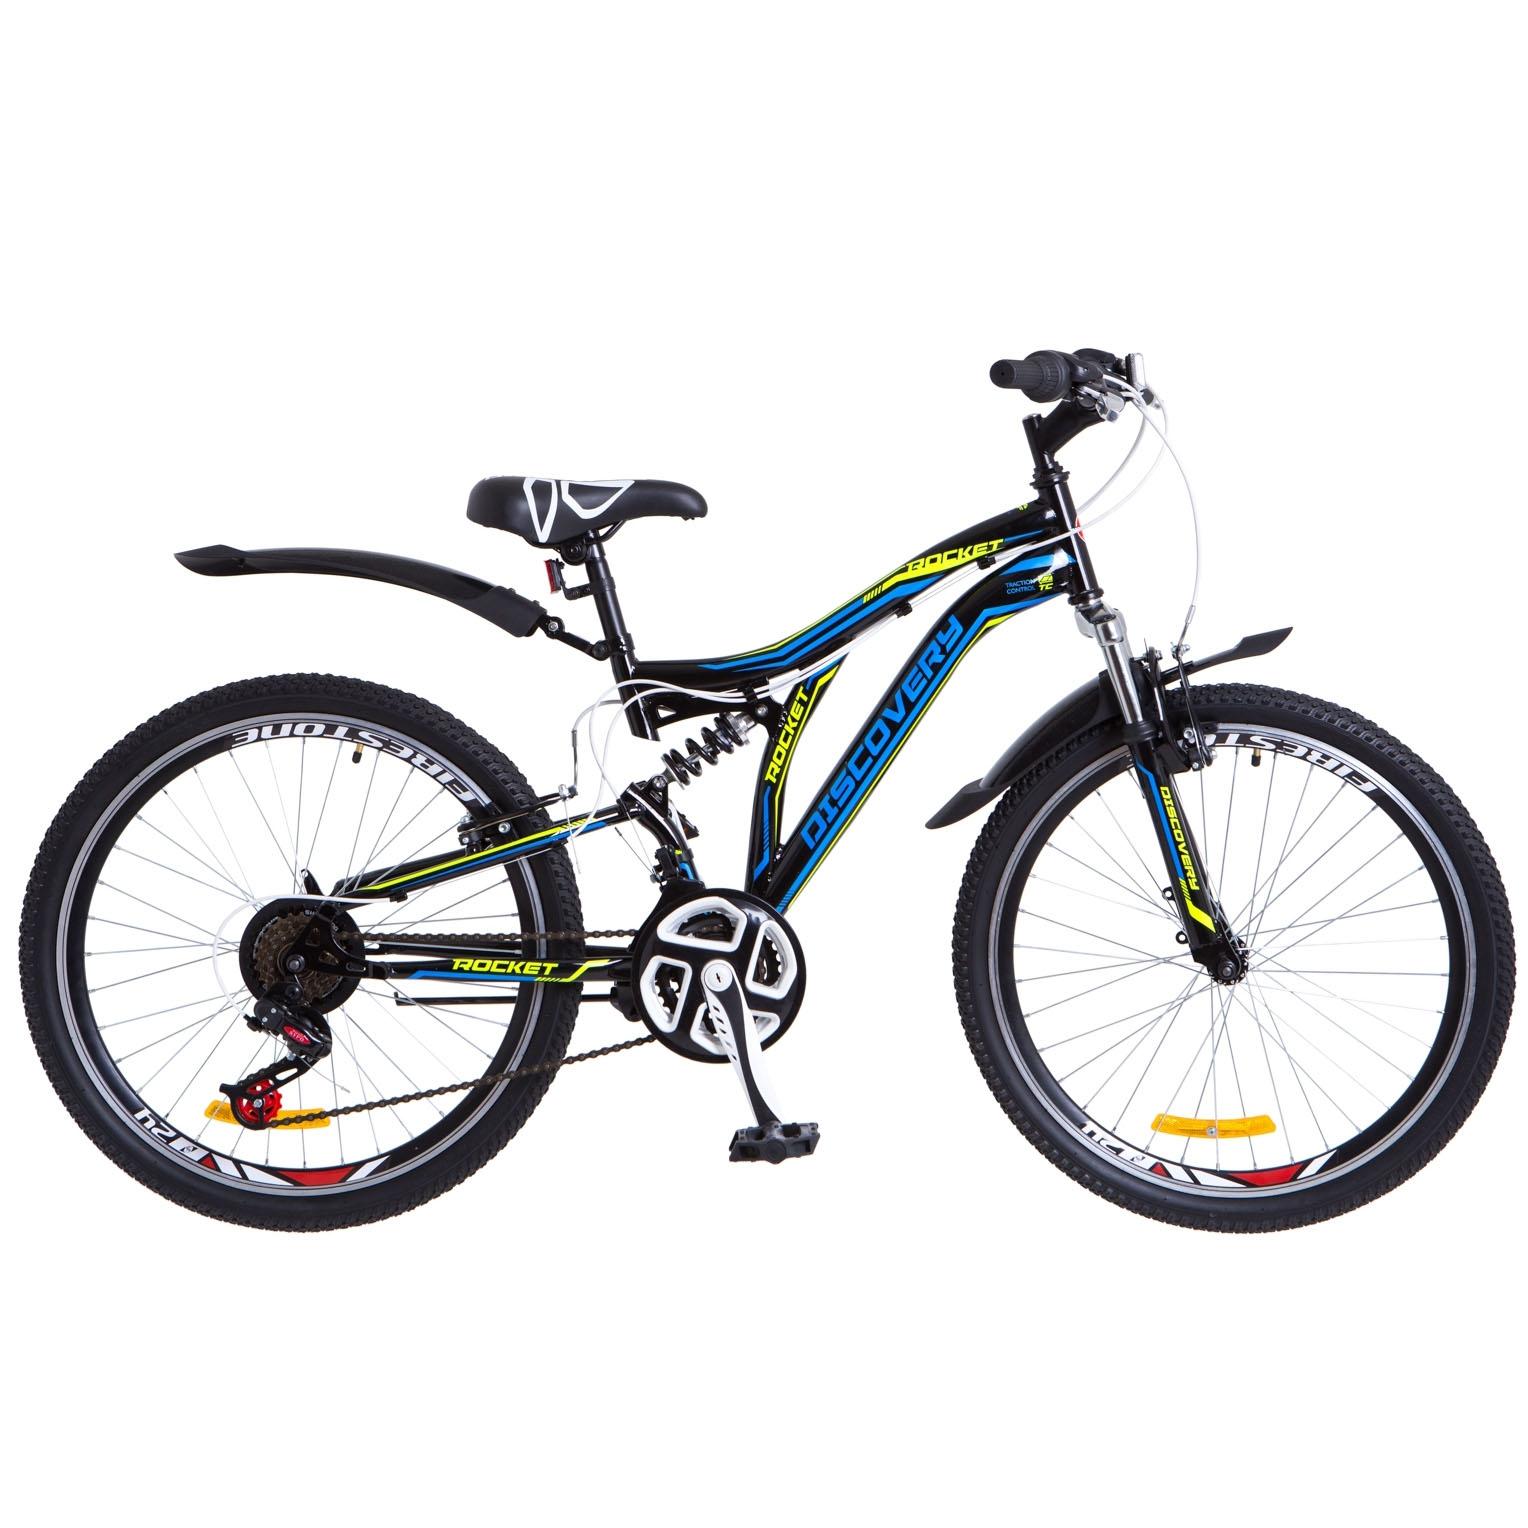 Фото Горный Велосипед 24 Discovery ROCKET черно-синий с желтым 2018